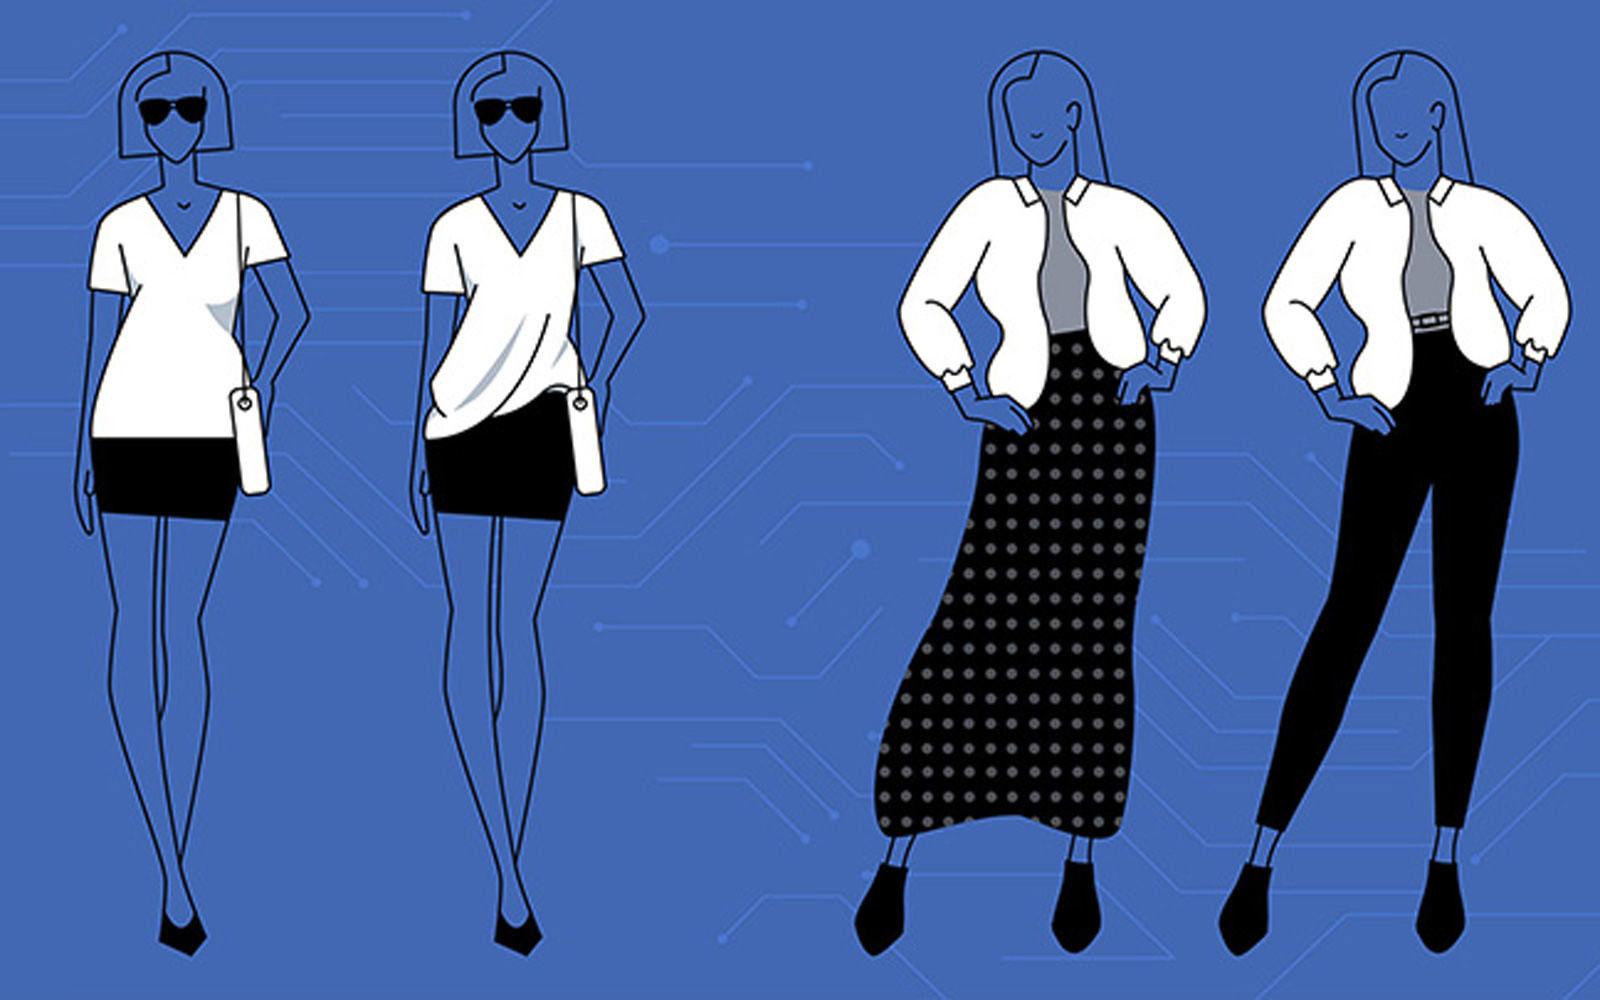 نرم افزار هوش مصنوعی فیسبوک به شما در طراحی مد کمک می کند